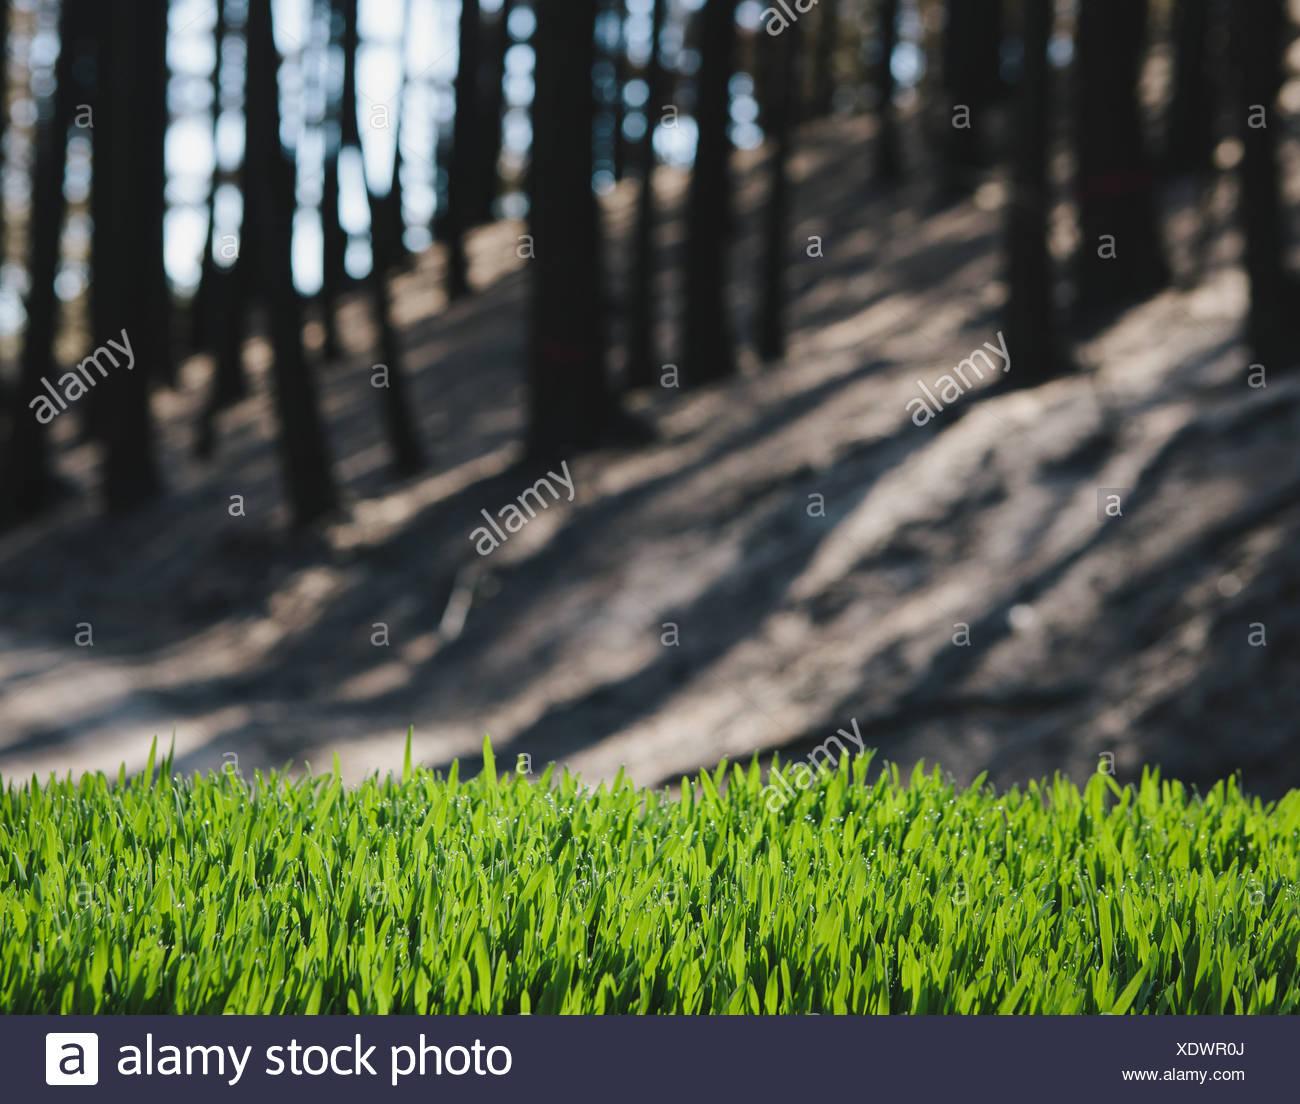 Washington State USA grüne Rasen im Vordergrund brannte vor kurzem Wald Stockbild